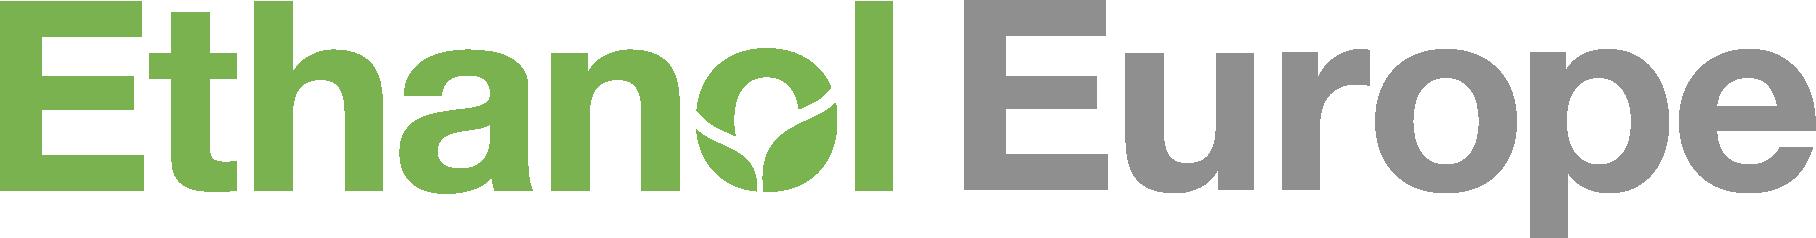 ethanol-europe.png